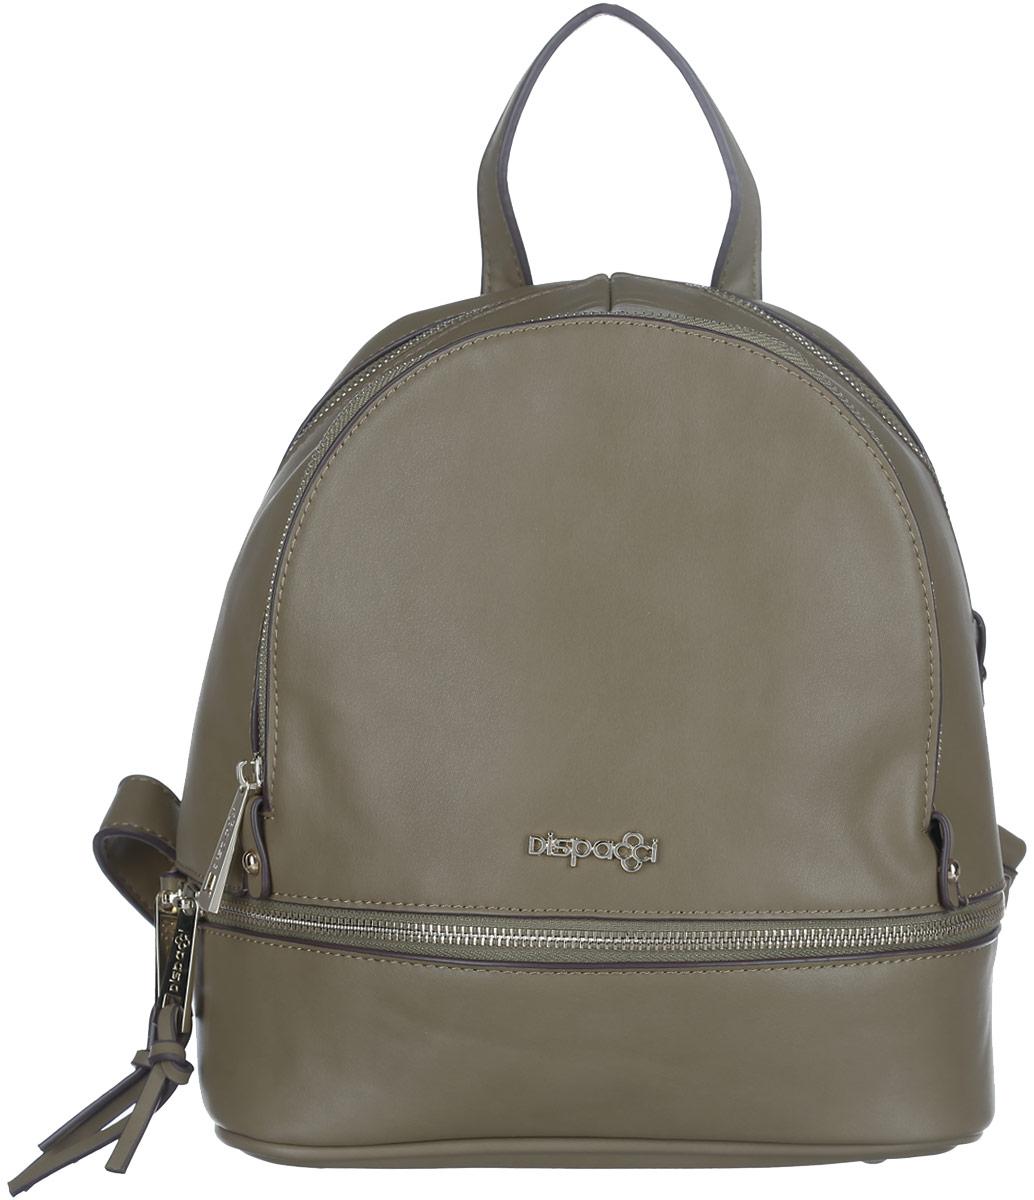 Рюкзак женский Dispacci, цвет: оливковый. 31978S76245Компактный рюкзак Dispacci изготовлен из экокожи и оформлен металлической пластиной в виде логотипа бренда. Лицевая сторона рюкзака украшена декоративной молнией с двумя бегунками.Изделие содержит одно основное отделение, закрывающееся на застежку-молнию. Внутри расположены: накладной кармашек для мелочей и врезной карман на молнии. На лицевой стороне изделия расположен вместительный прорезной карман на молнии.Дно изделия дополнено металлическими ножками.Рюкзак оснащен двумя удобными лямками регулируемой длины и петлей для подвешивания.Стильный аксессуар позволит вам завершить образ и быть неотразимой.